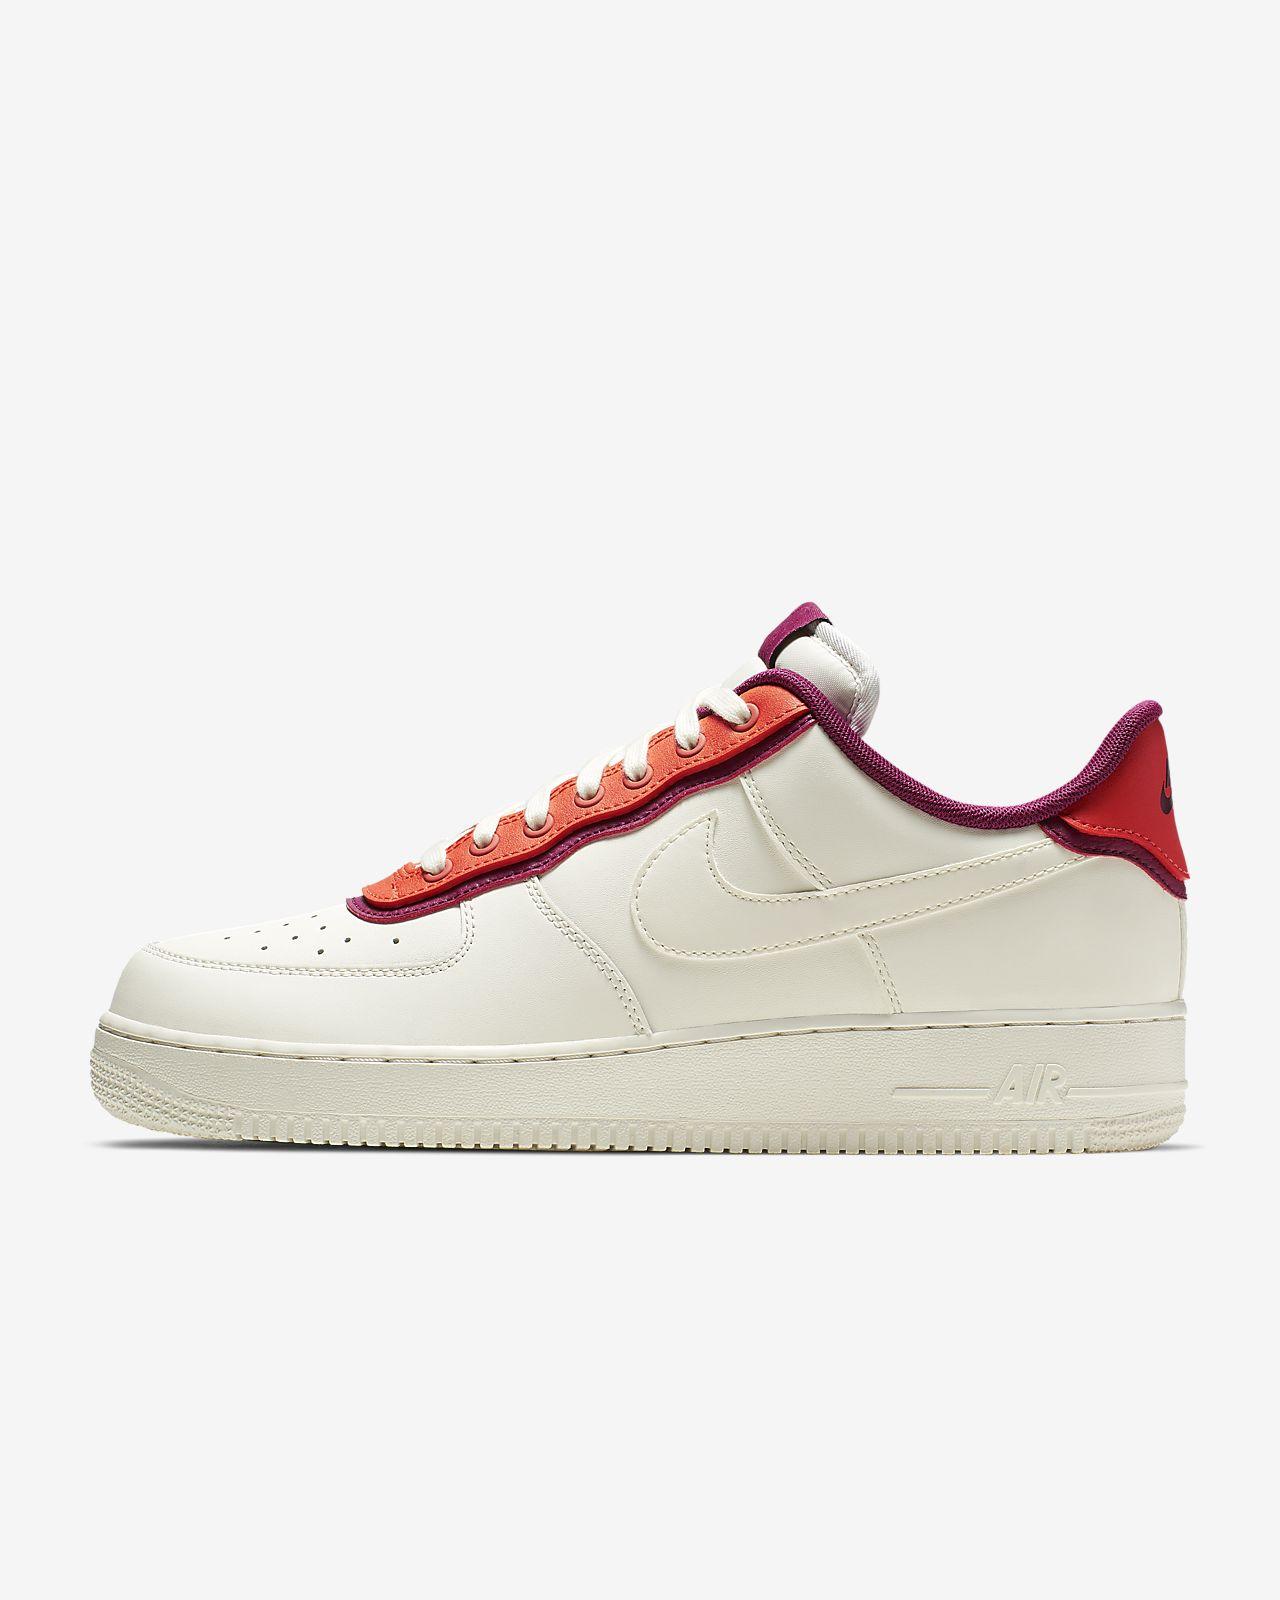 Nike Air Force 1 '07 LV8 1 herresko